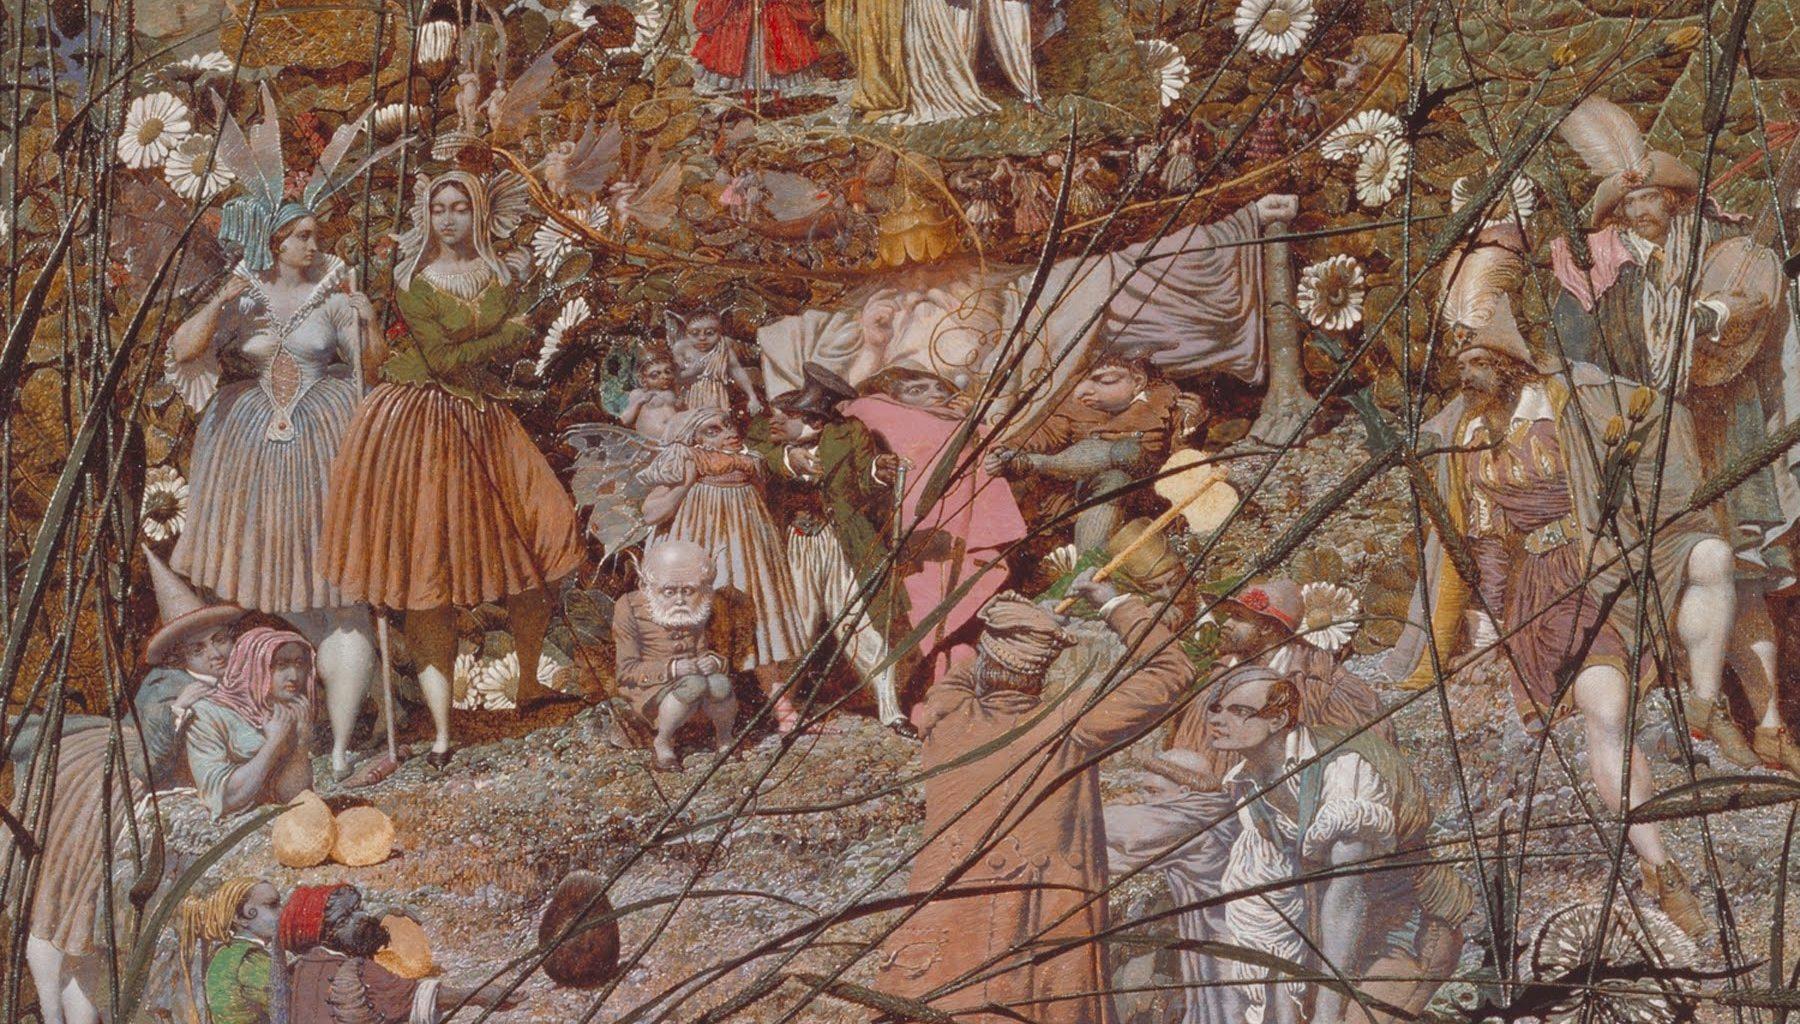 Richard Dadd, Der Meisterstreich des hexenden Holzfällers, zwischen 1855 und 1864